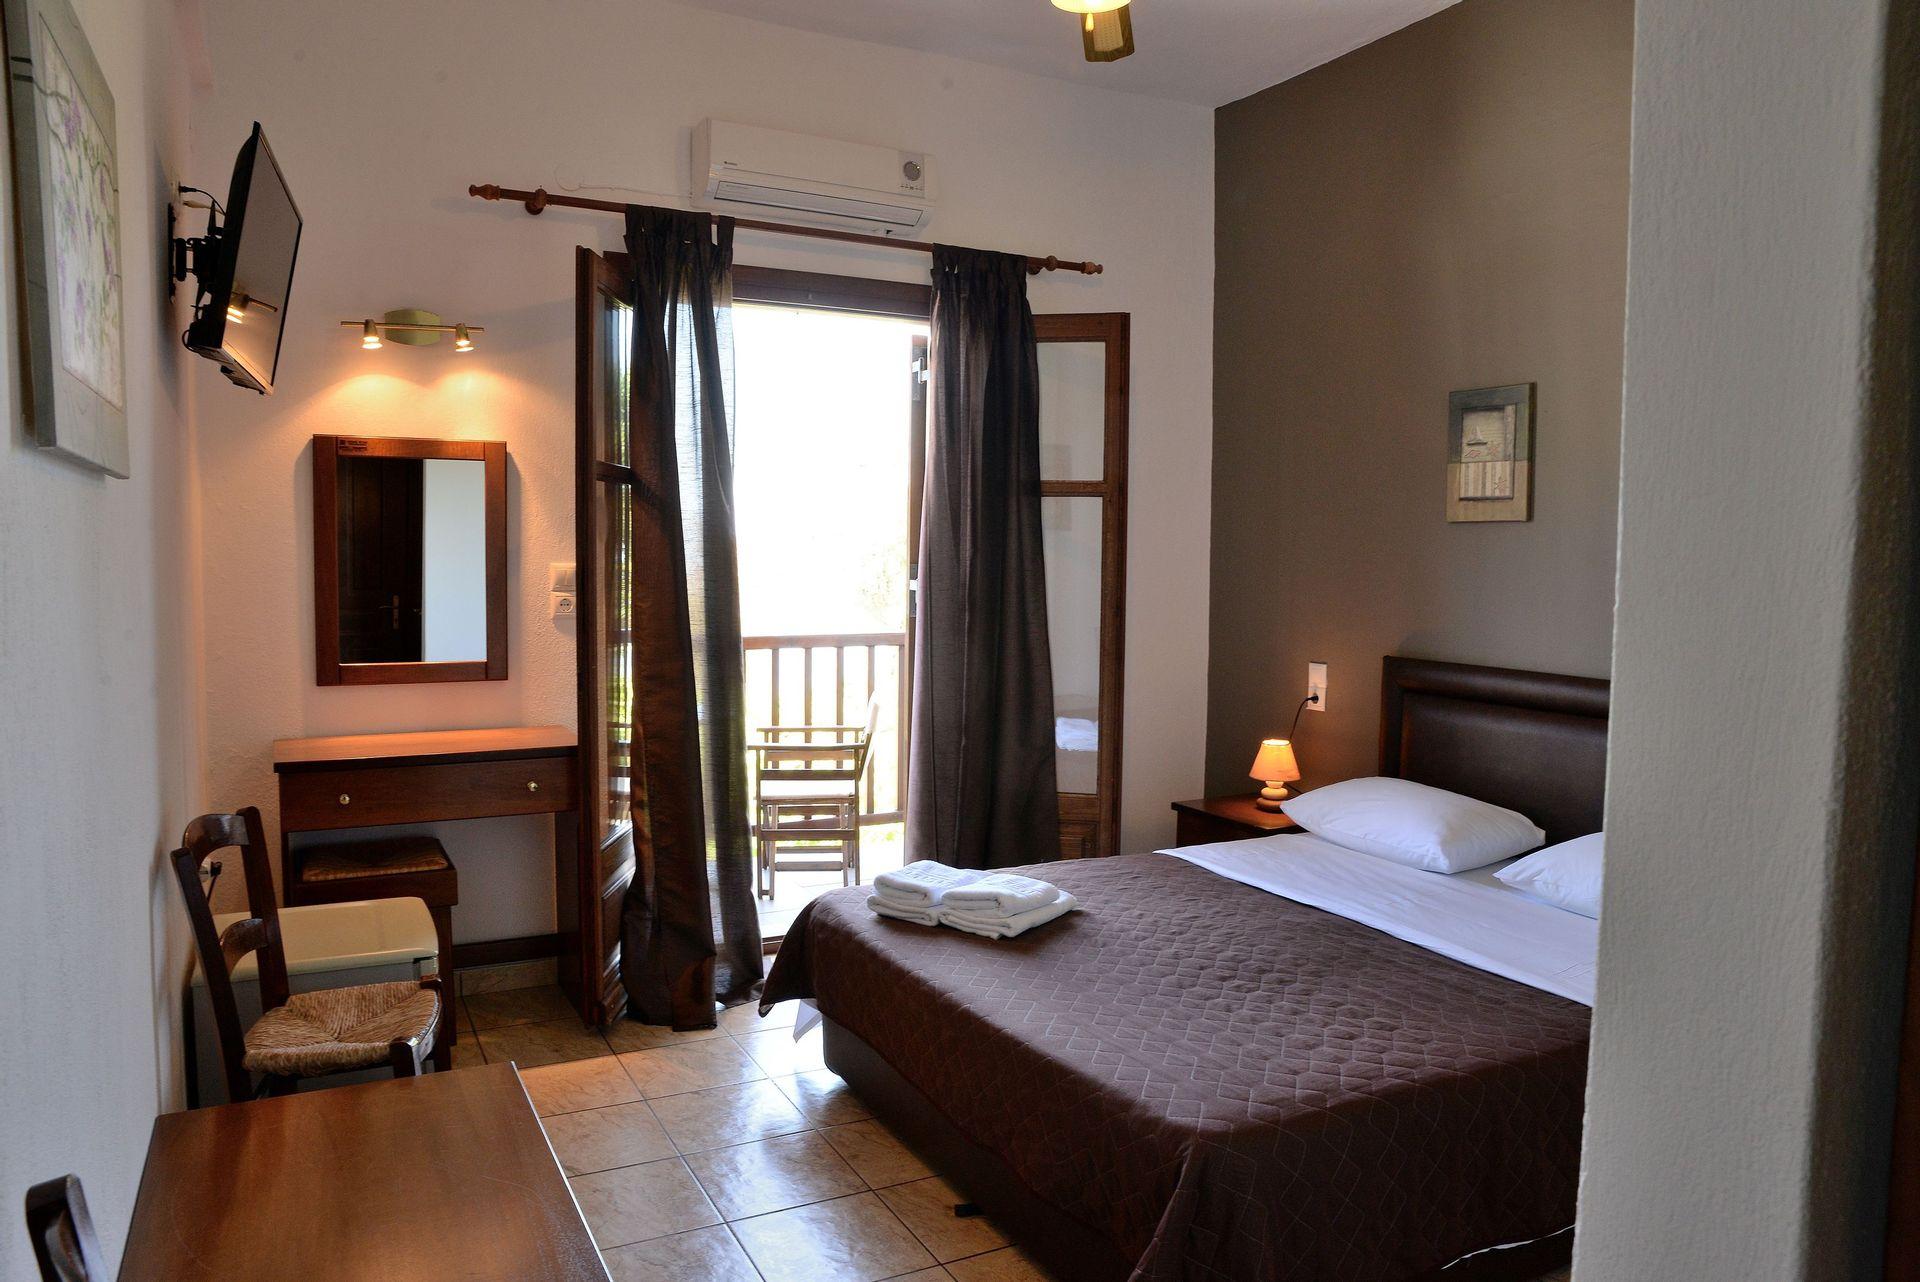 Cleopatra Hotel - Χορευτό, Πήλιο ✦ 6 Ημέρες (5 Διανυκτερεύσεις) ✦ 2 άτομα ✦ Χωρίς Πρωινό ✦ 01/07/2021 έως 31/08/2021 ✦ Δωρεάν Wi-Fi!